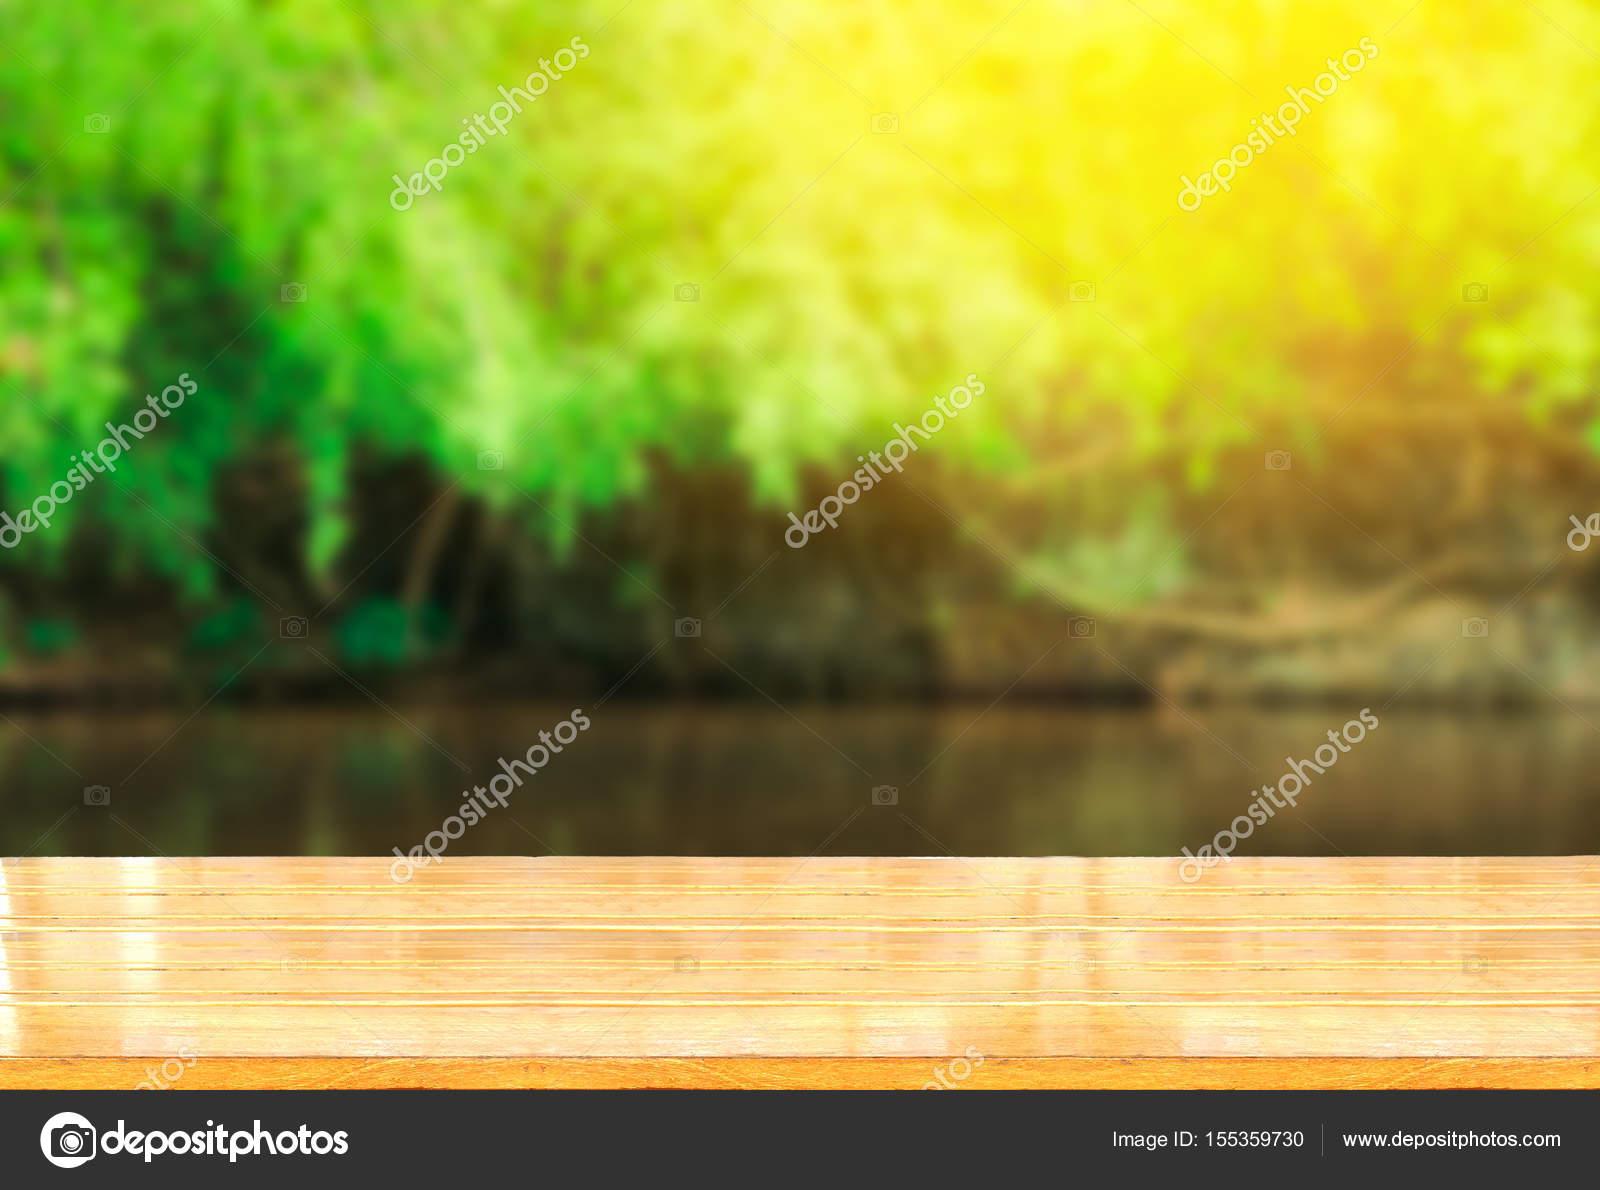 mesa de madera vacía — Foto de stock © thawornnulove #155359730